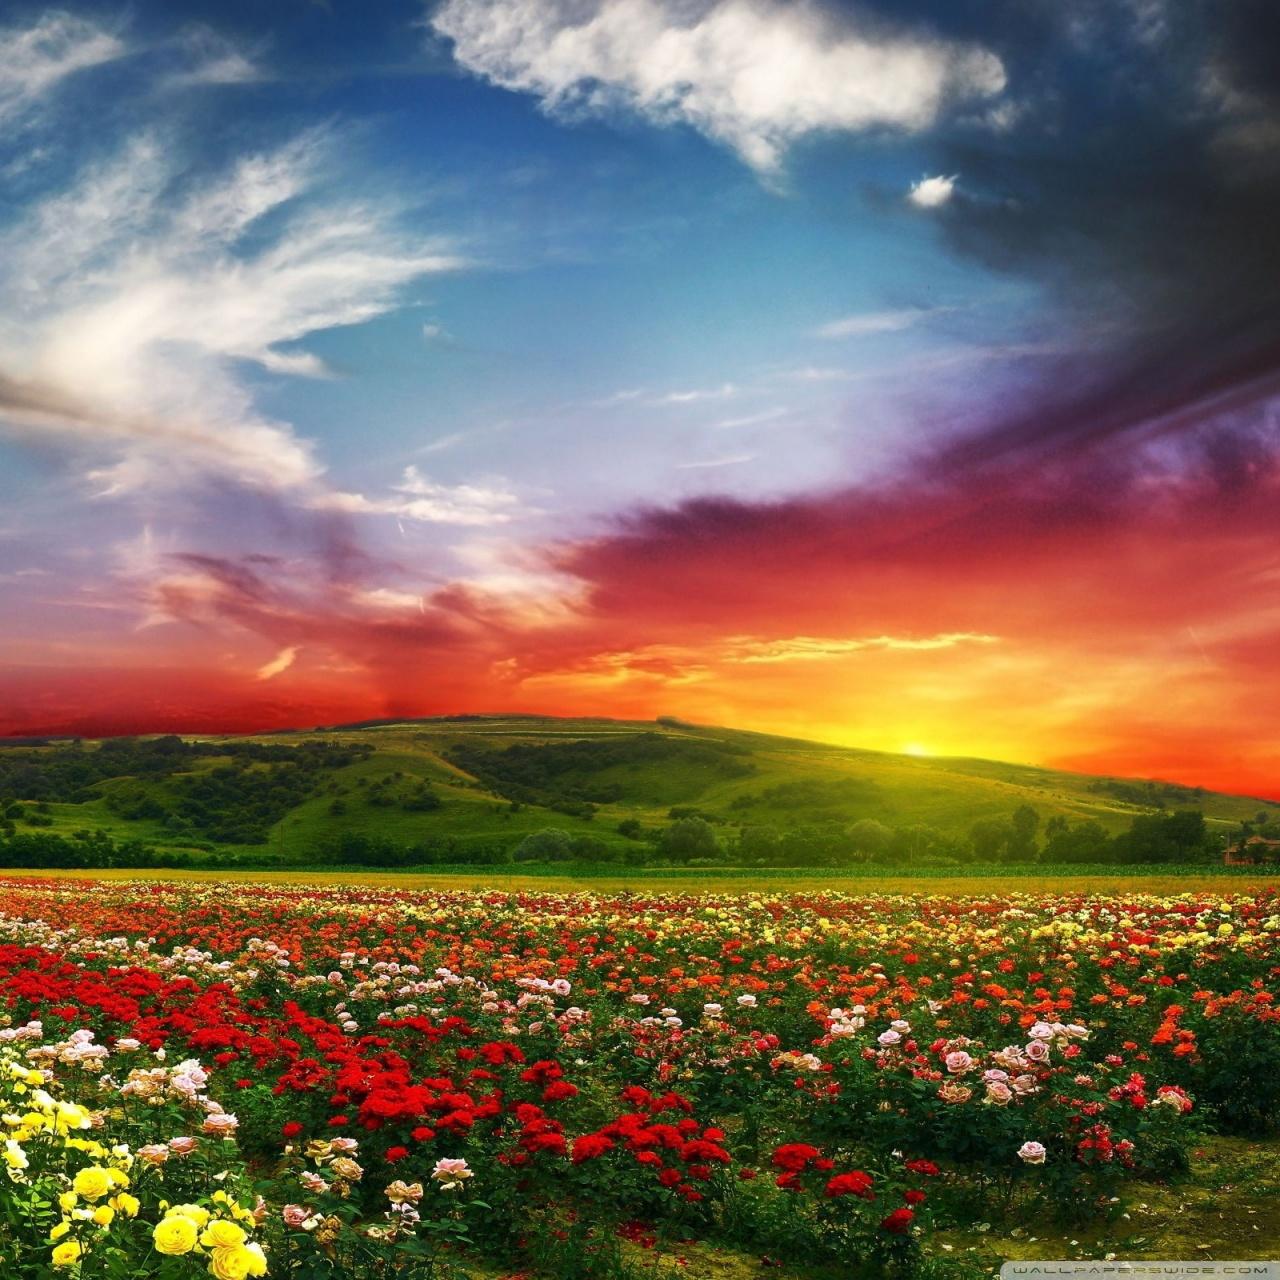 Gorgeous Fall Wallpaper Spellbinding Sunset 4k Hd Desktop Wallpaper For 4k Ultra